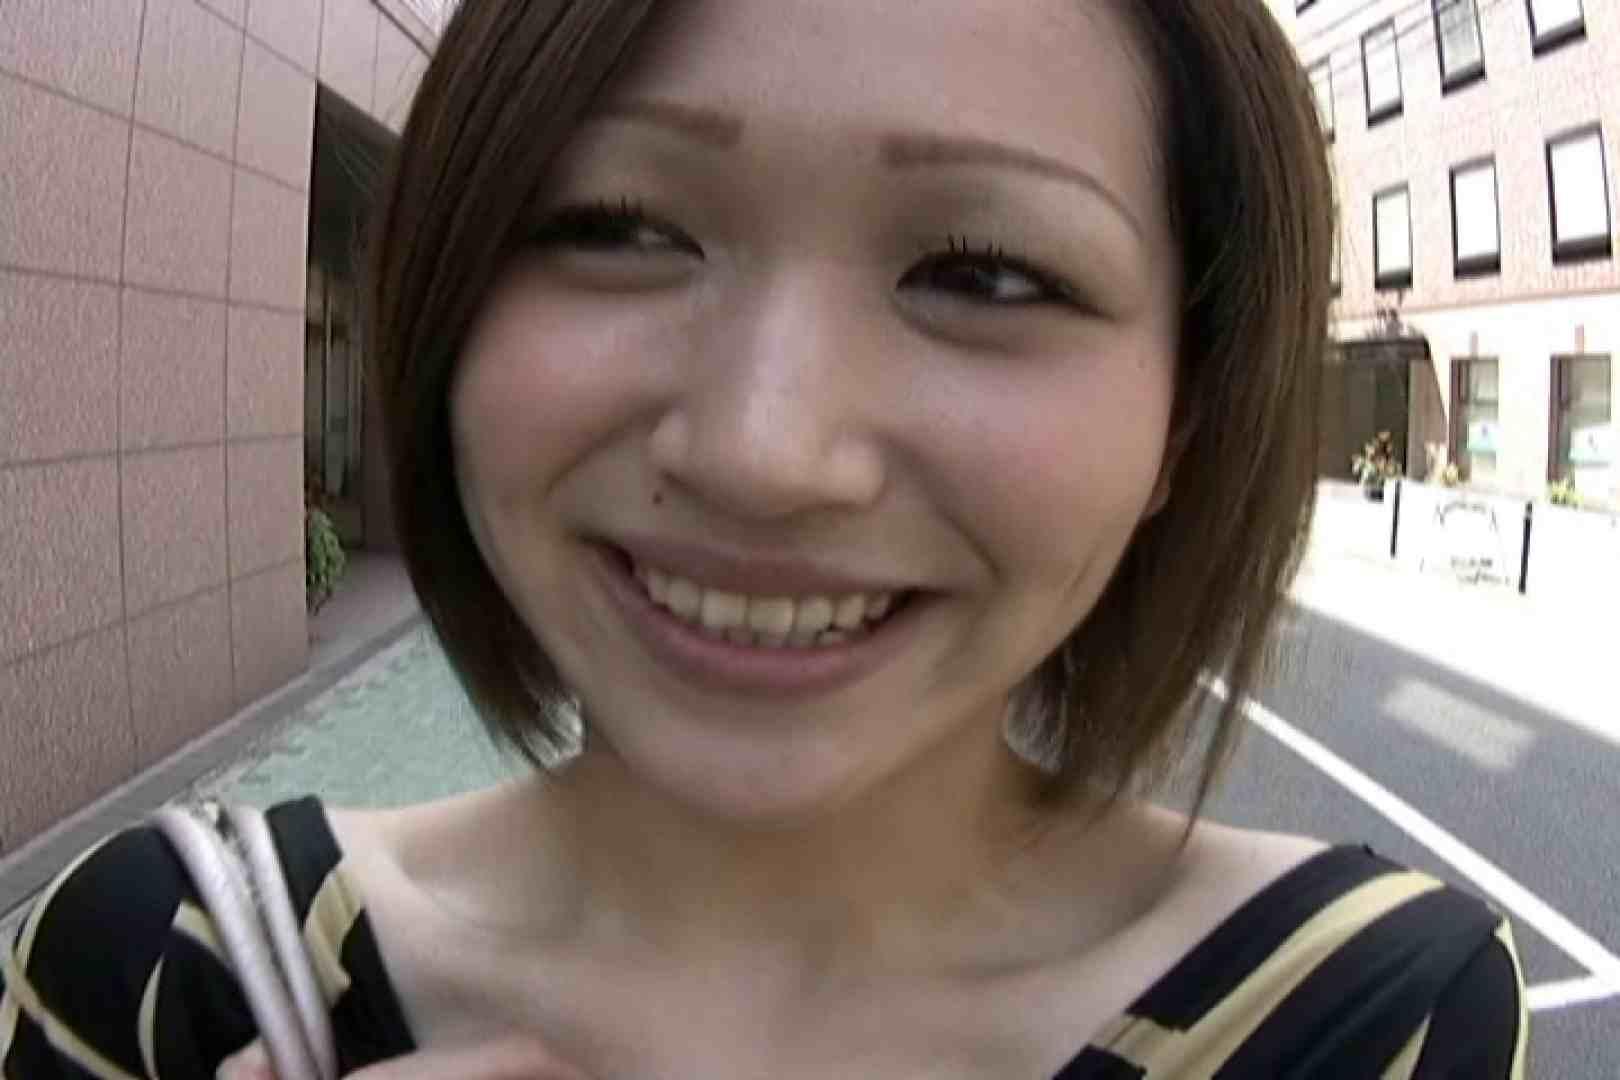 素人モデル撮っちゃいました chisa 素人流出 スケベ動画紹介 92PIX 38